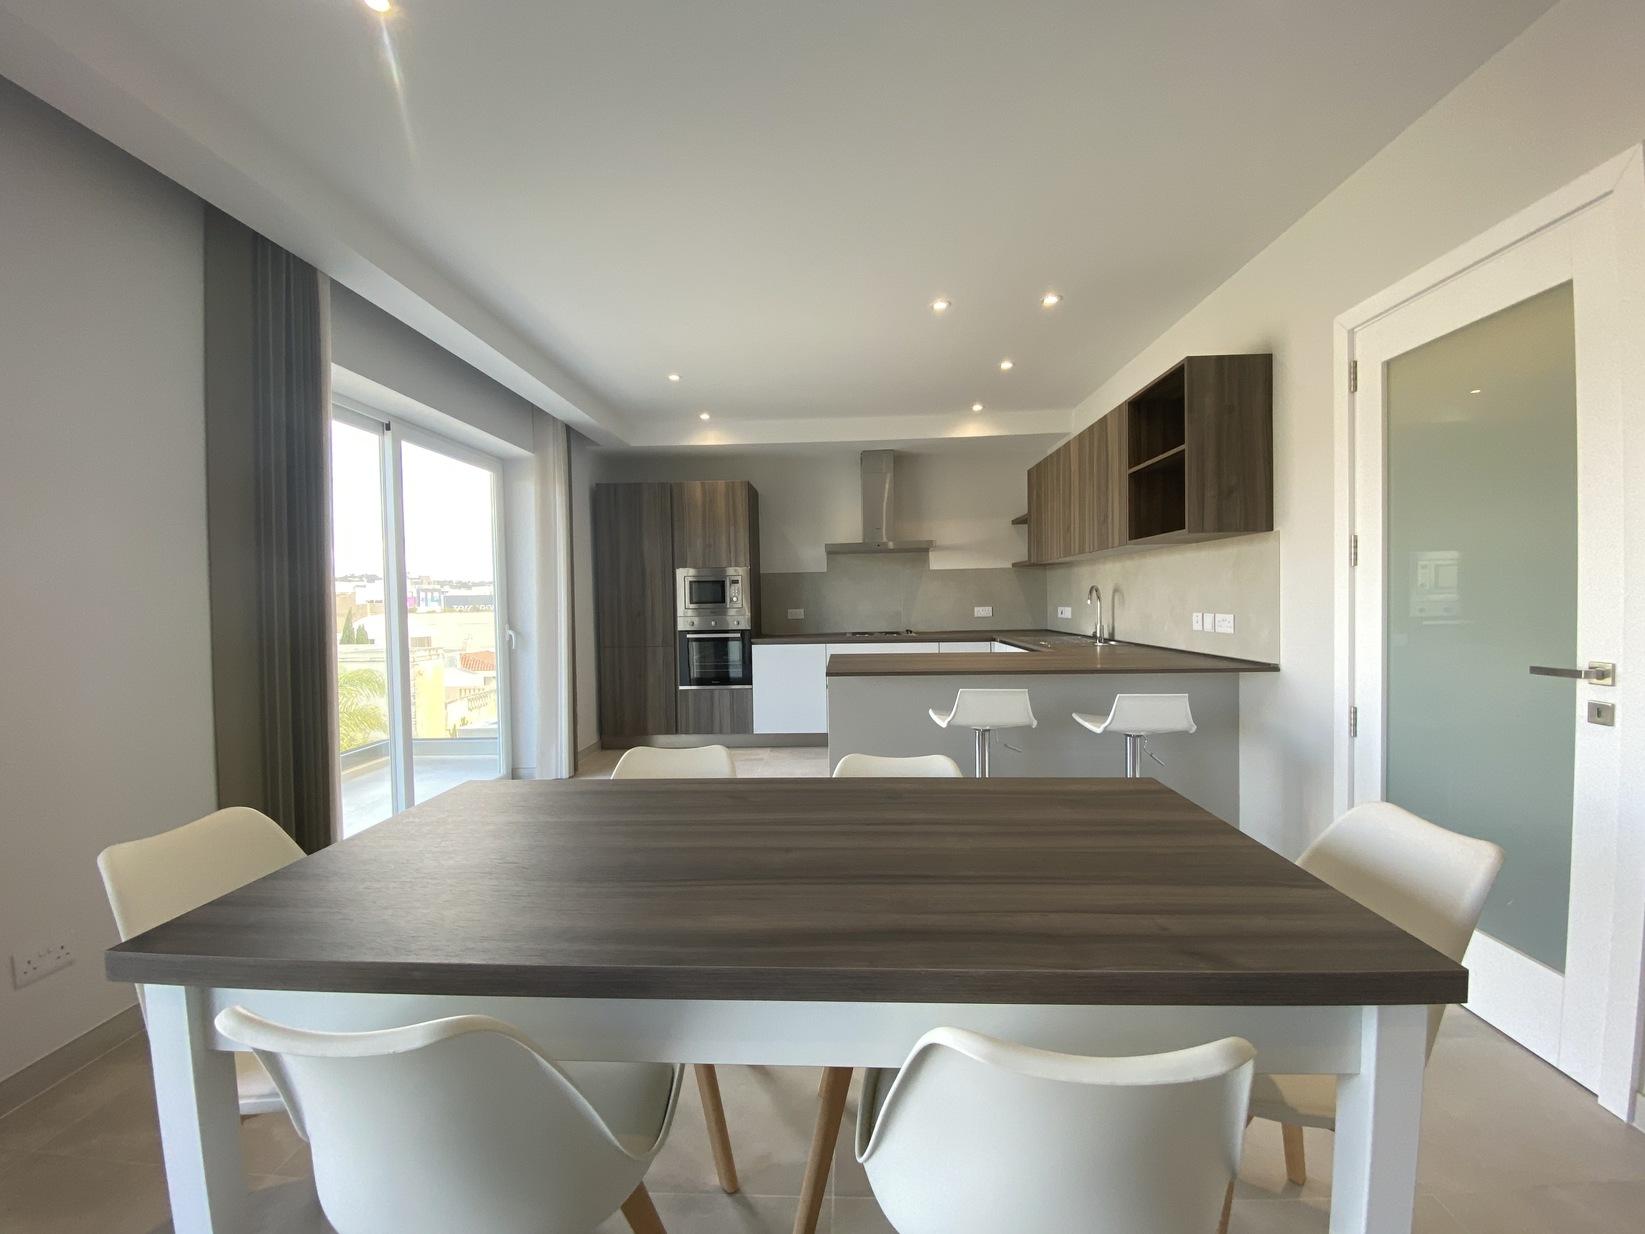 3 bed Apartment For Rent in Lija, Lija - thumb 2